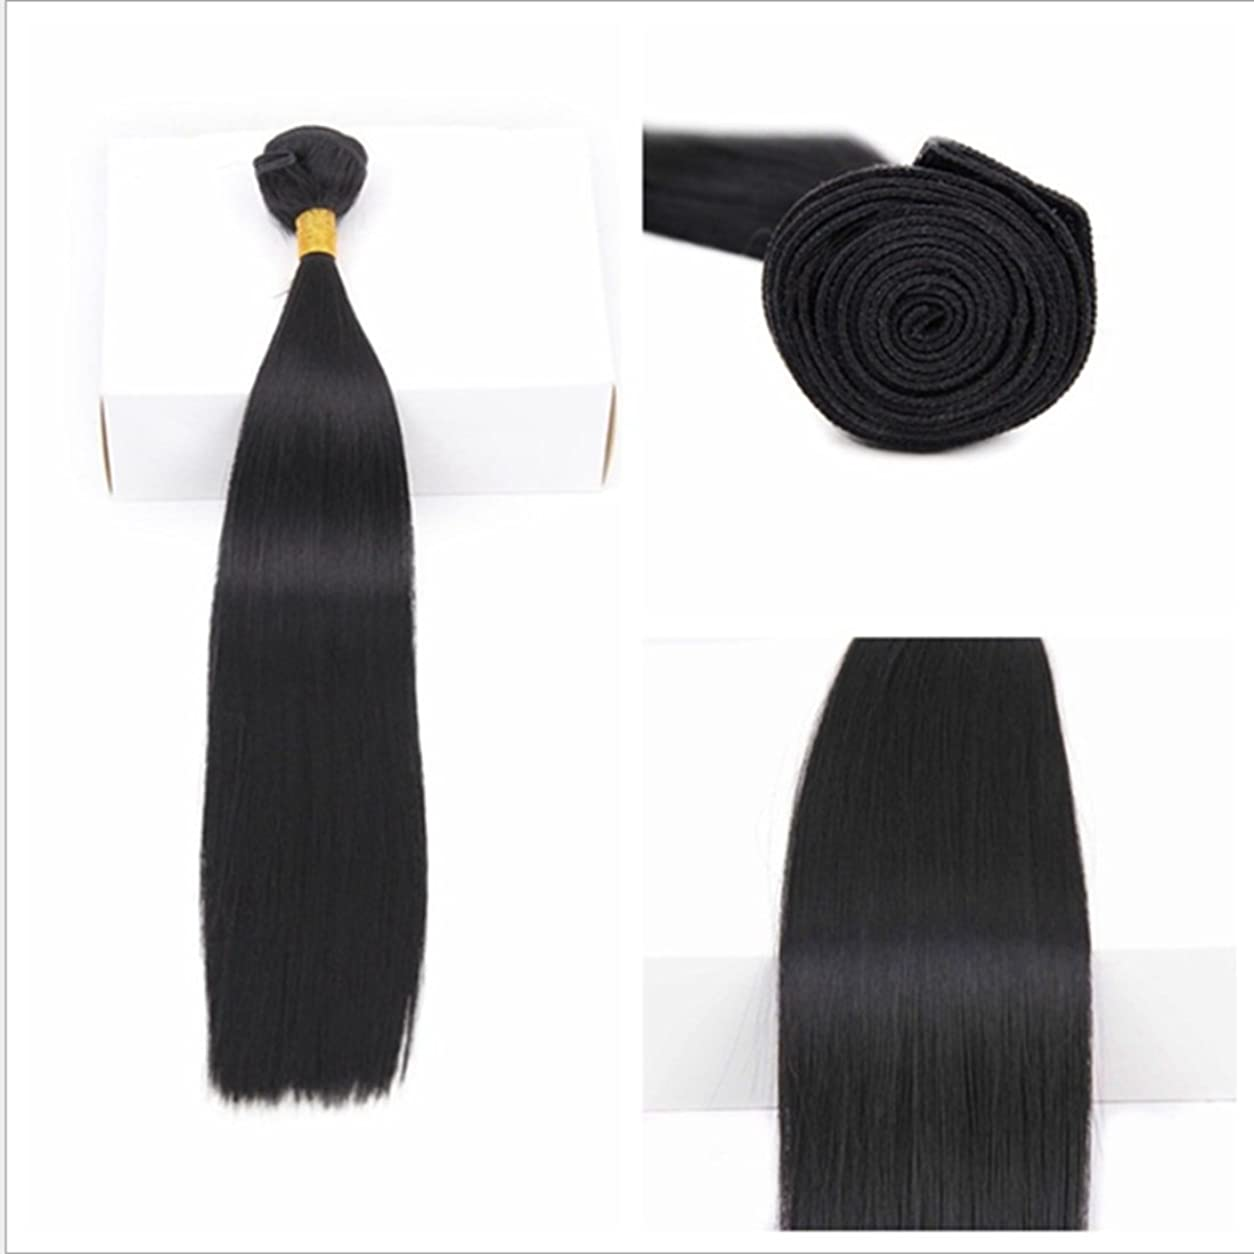 トースト音節達成するJIANFU ブラジル 女性 耐熱 長い ストレート ウィッグ ヘア カーテン 非染色(70g / 100g) 18 インチ 至る 10インチ ブラックヘア (サイズ : 20inch(100g))